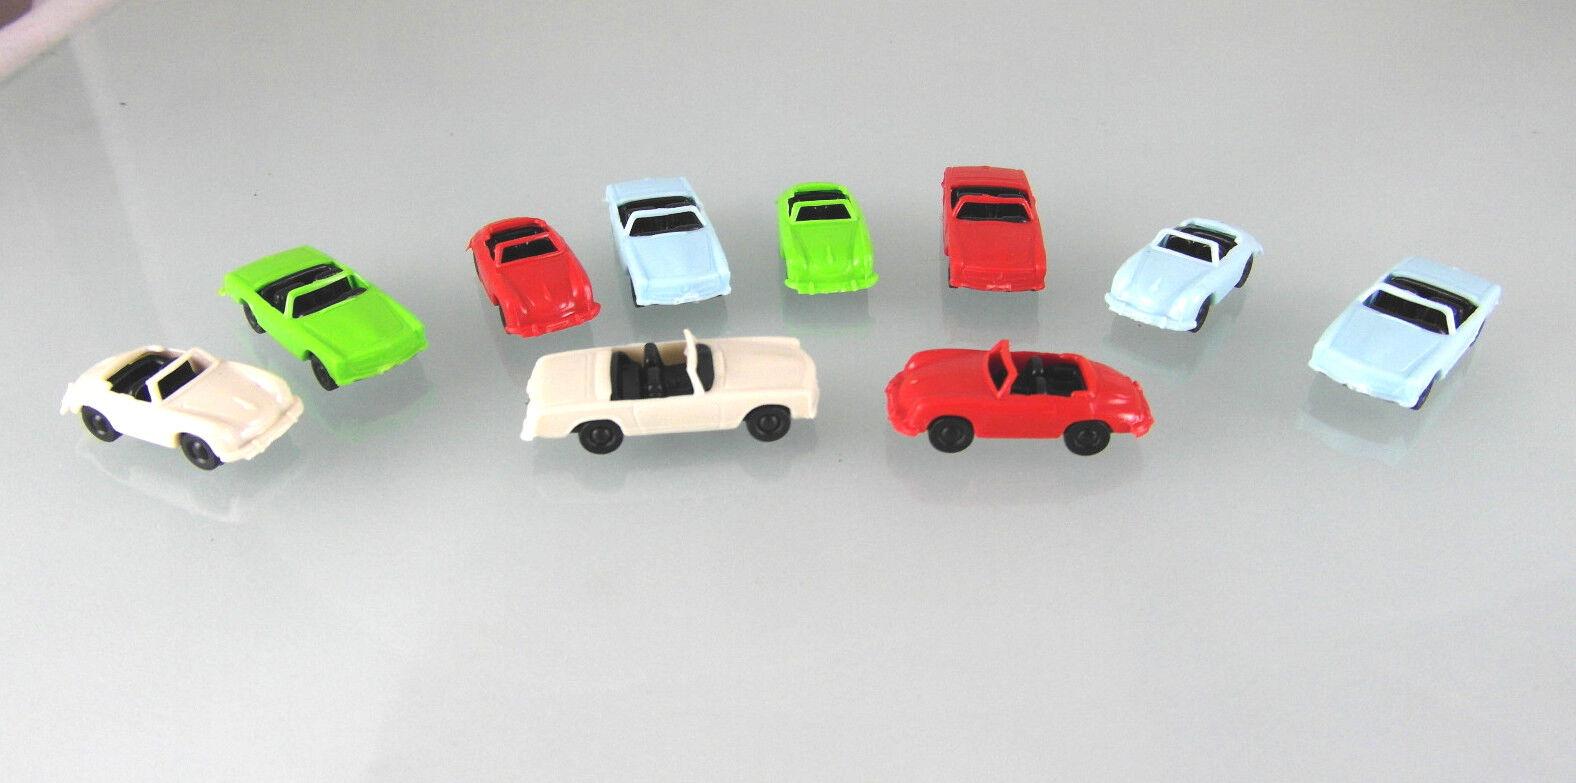 N (1 160) 88 8888 88  10 St. Porsche 353   Mercedes Pagode